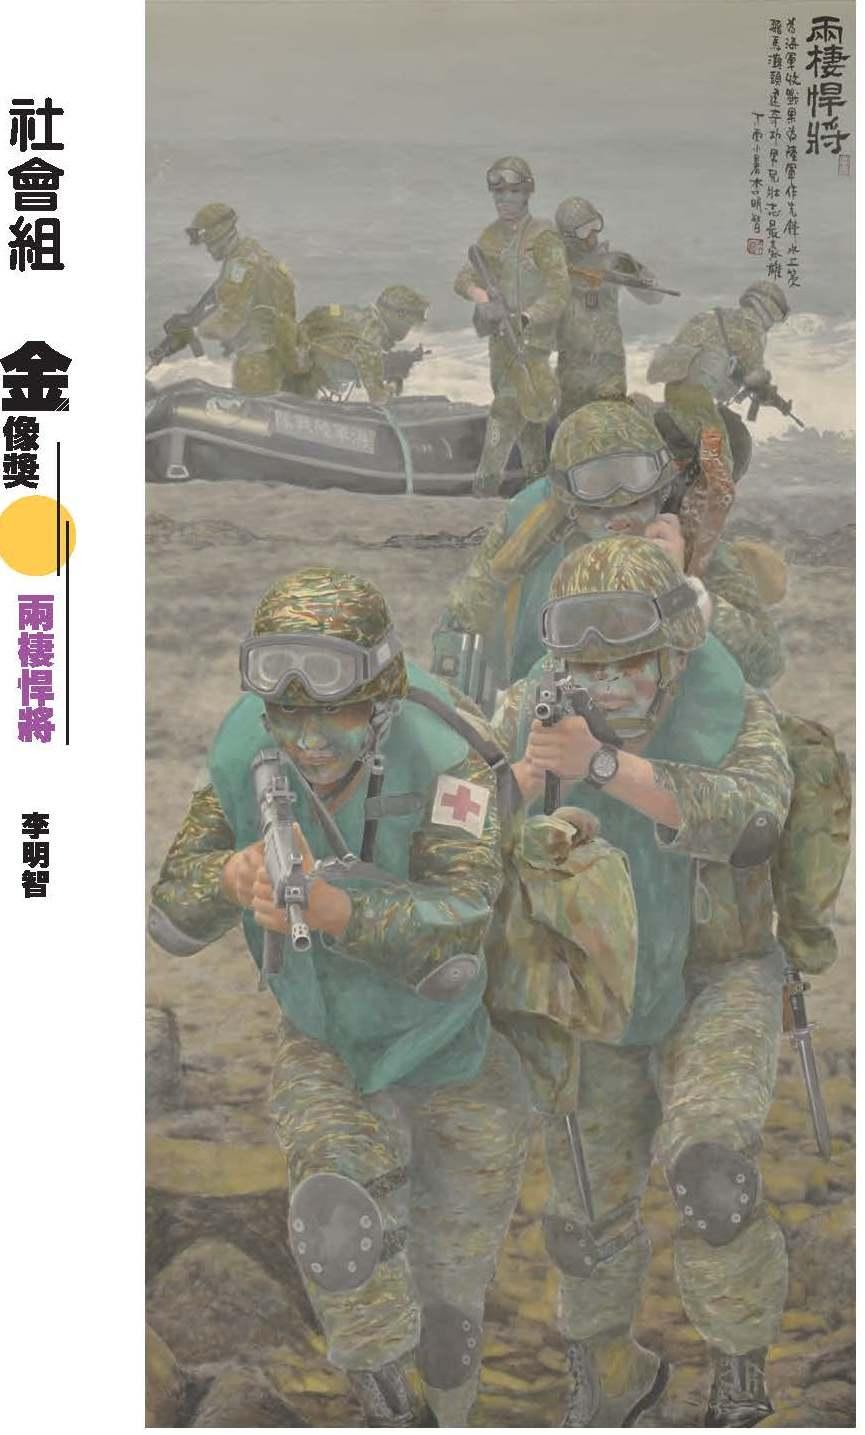 51屆國畫項社會組金像獎_兩棲悍將_李明智.jpg